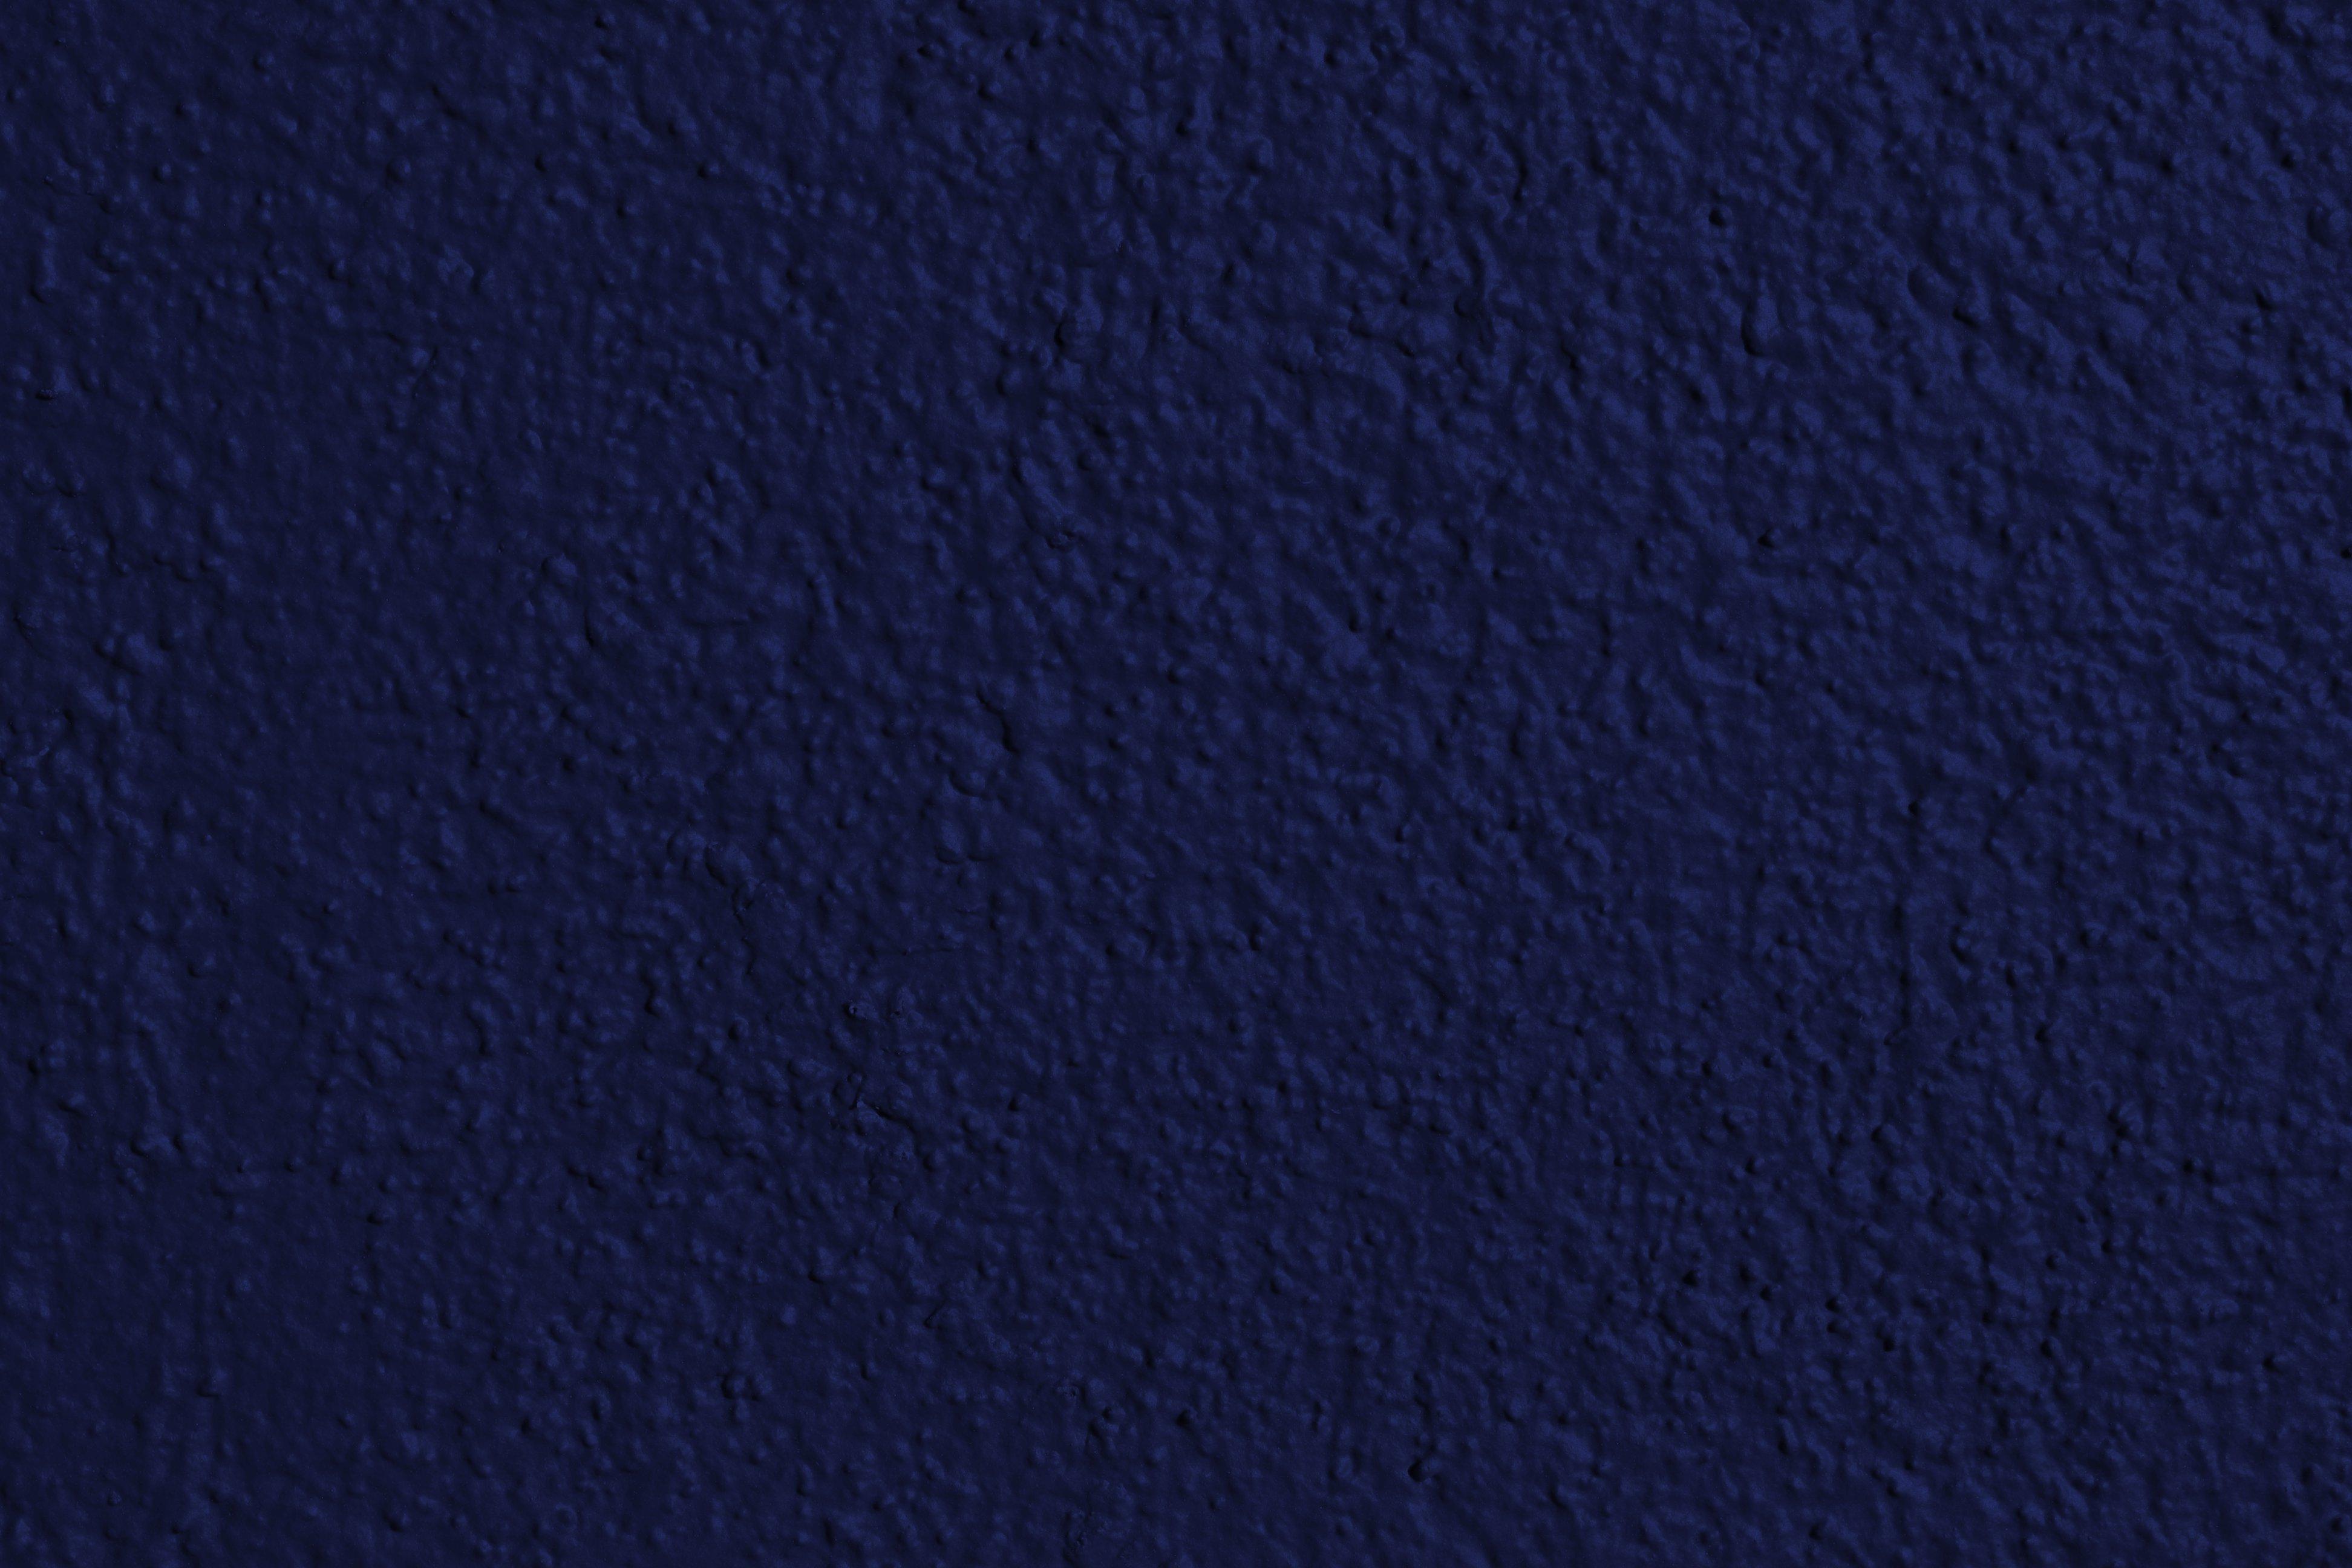 Navy blue wallpaper wallpapersafari for Navy blue wallpaper for walls